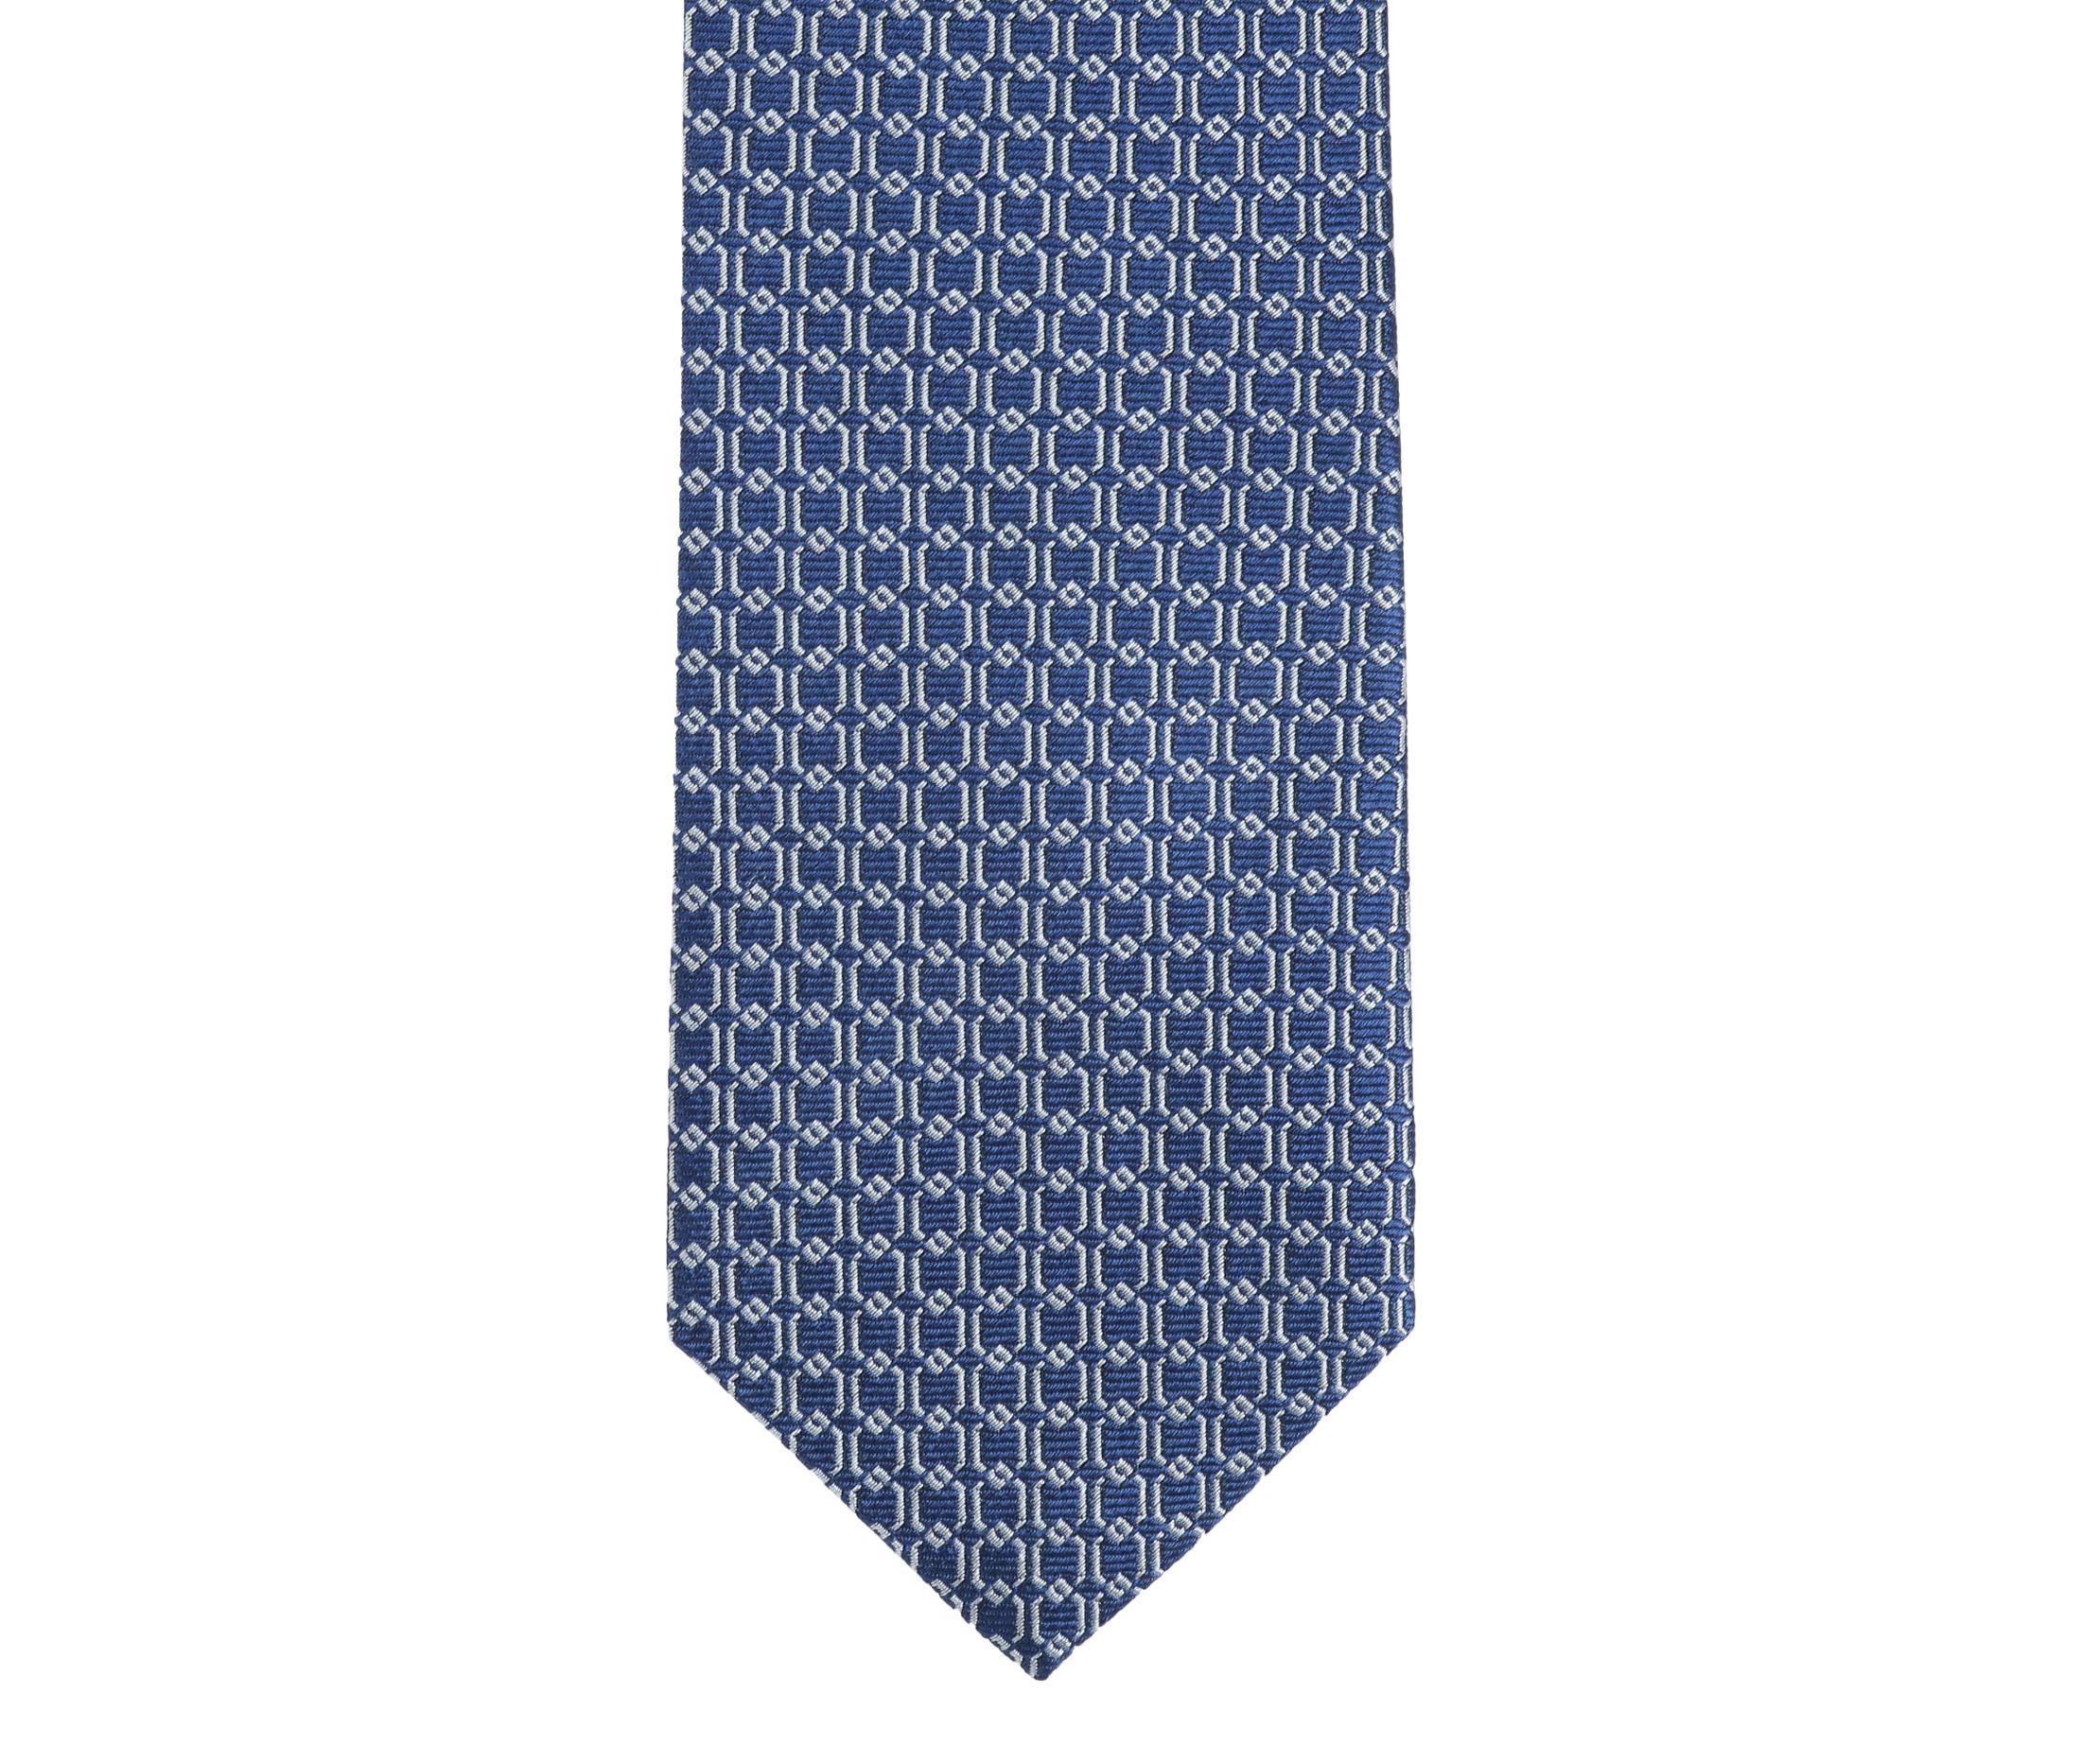 Krawatte Seide Dessin Blau Gitter foto 2